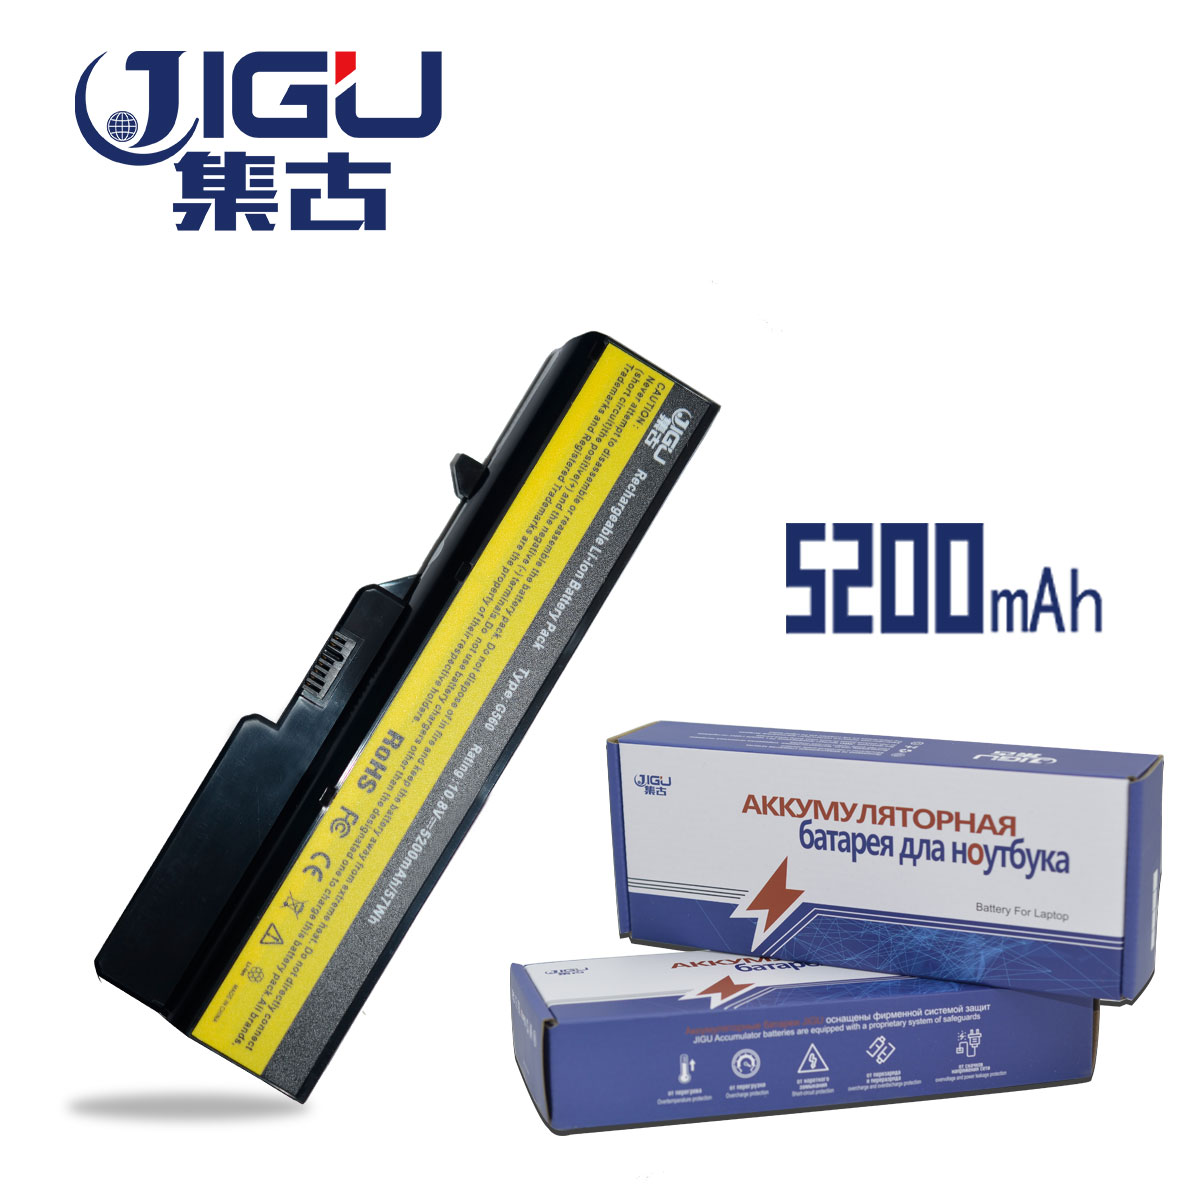 JIGU 6 Cell Laptop Battery 57Y6454 57Y6455 L09C6Y02 L09M6Y02 L09S6Y02 L10C6Y02 For Lenovo IdeaPad G460 G560 V360 V370 V470 Z460 laptop battery for lenovo ideapad g460 g465 g470 g475 g560 g565 g570 g575 g770 z460 v360 v370 v470 l09m6y02 l10m6f21 l09s6y02